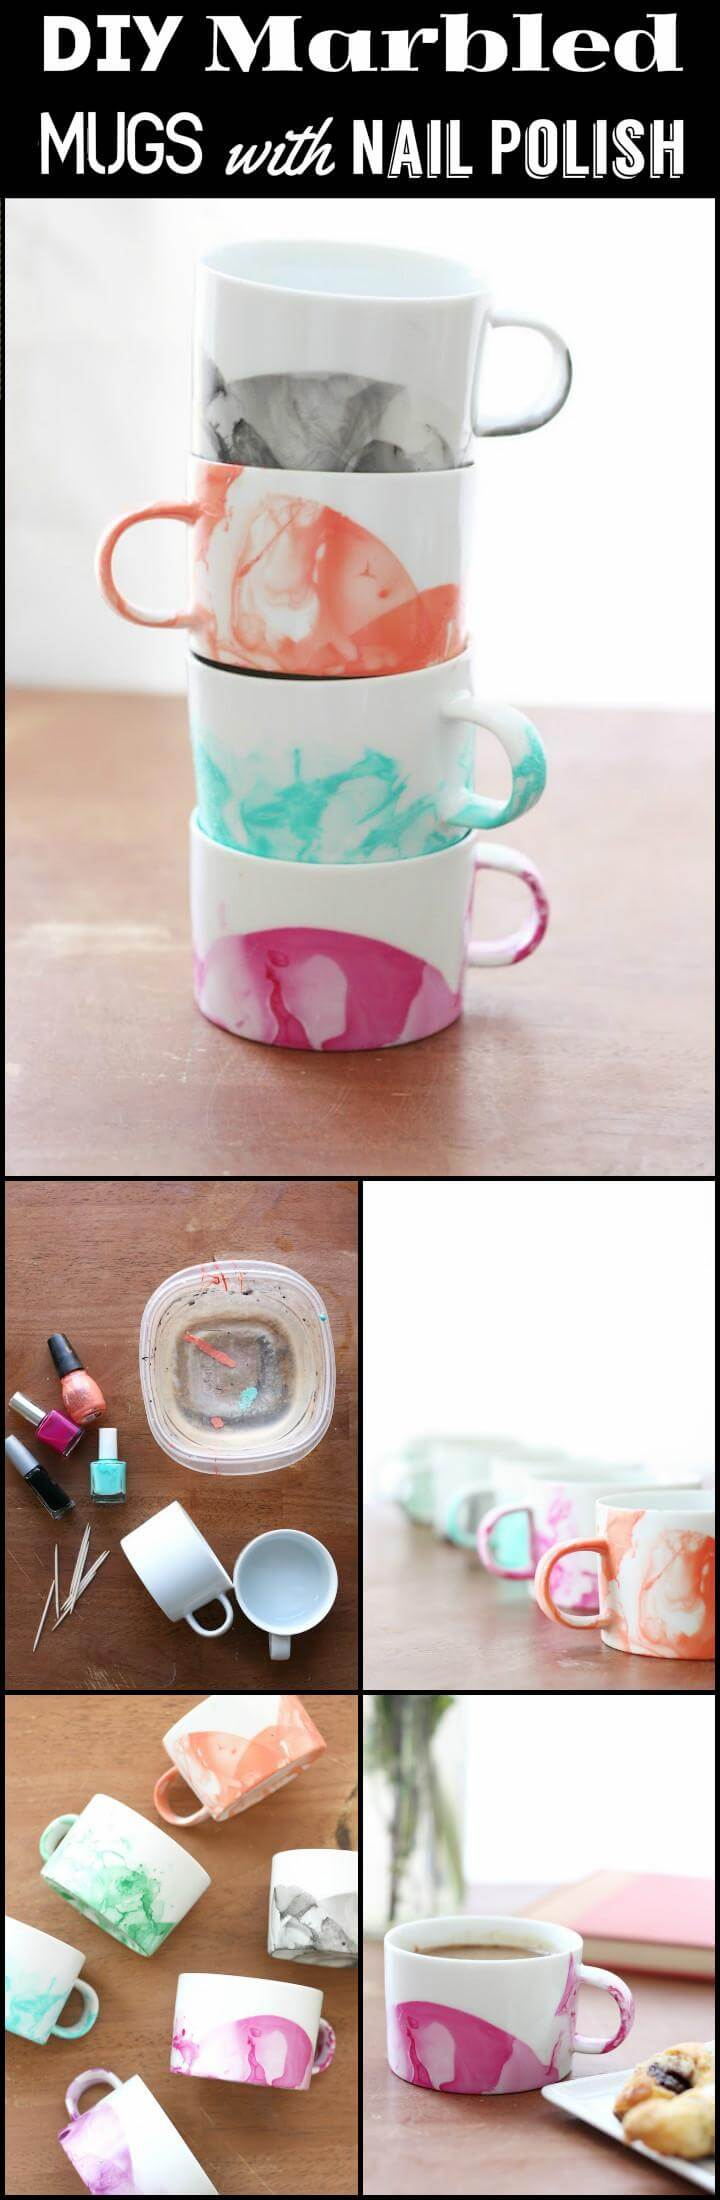 DIY easy marbled mugs with nail polish